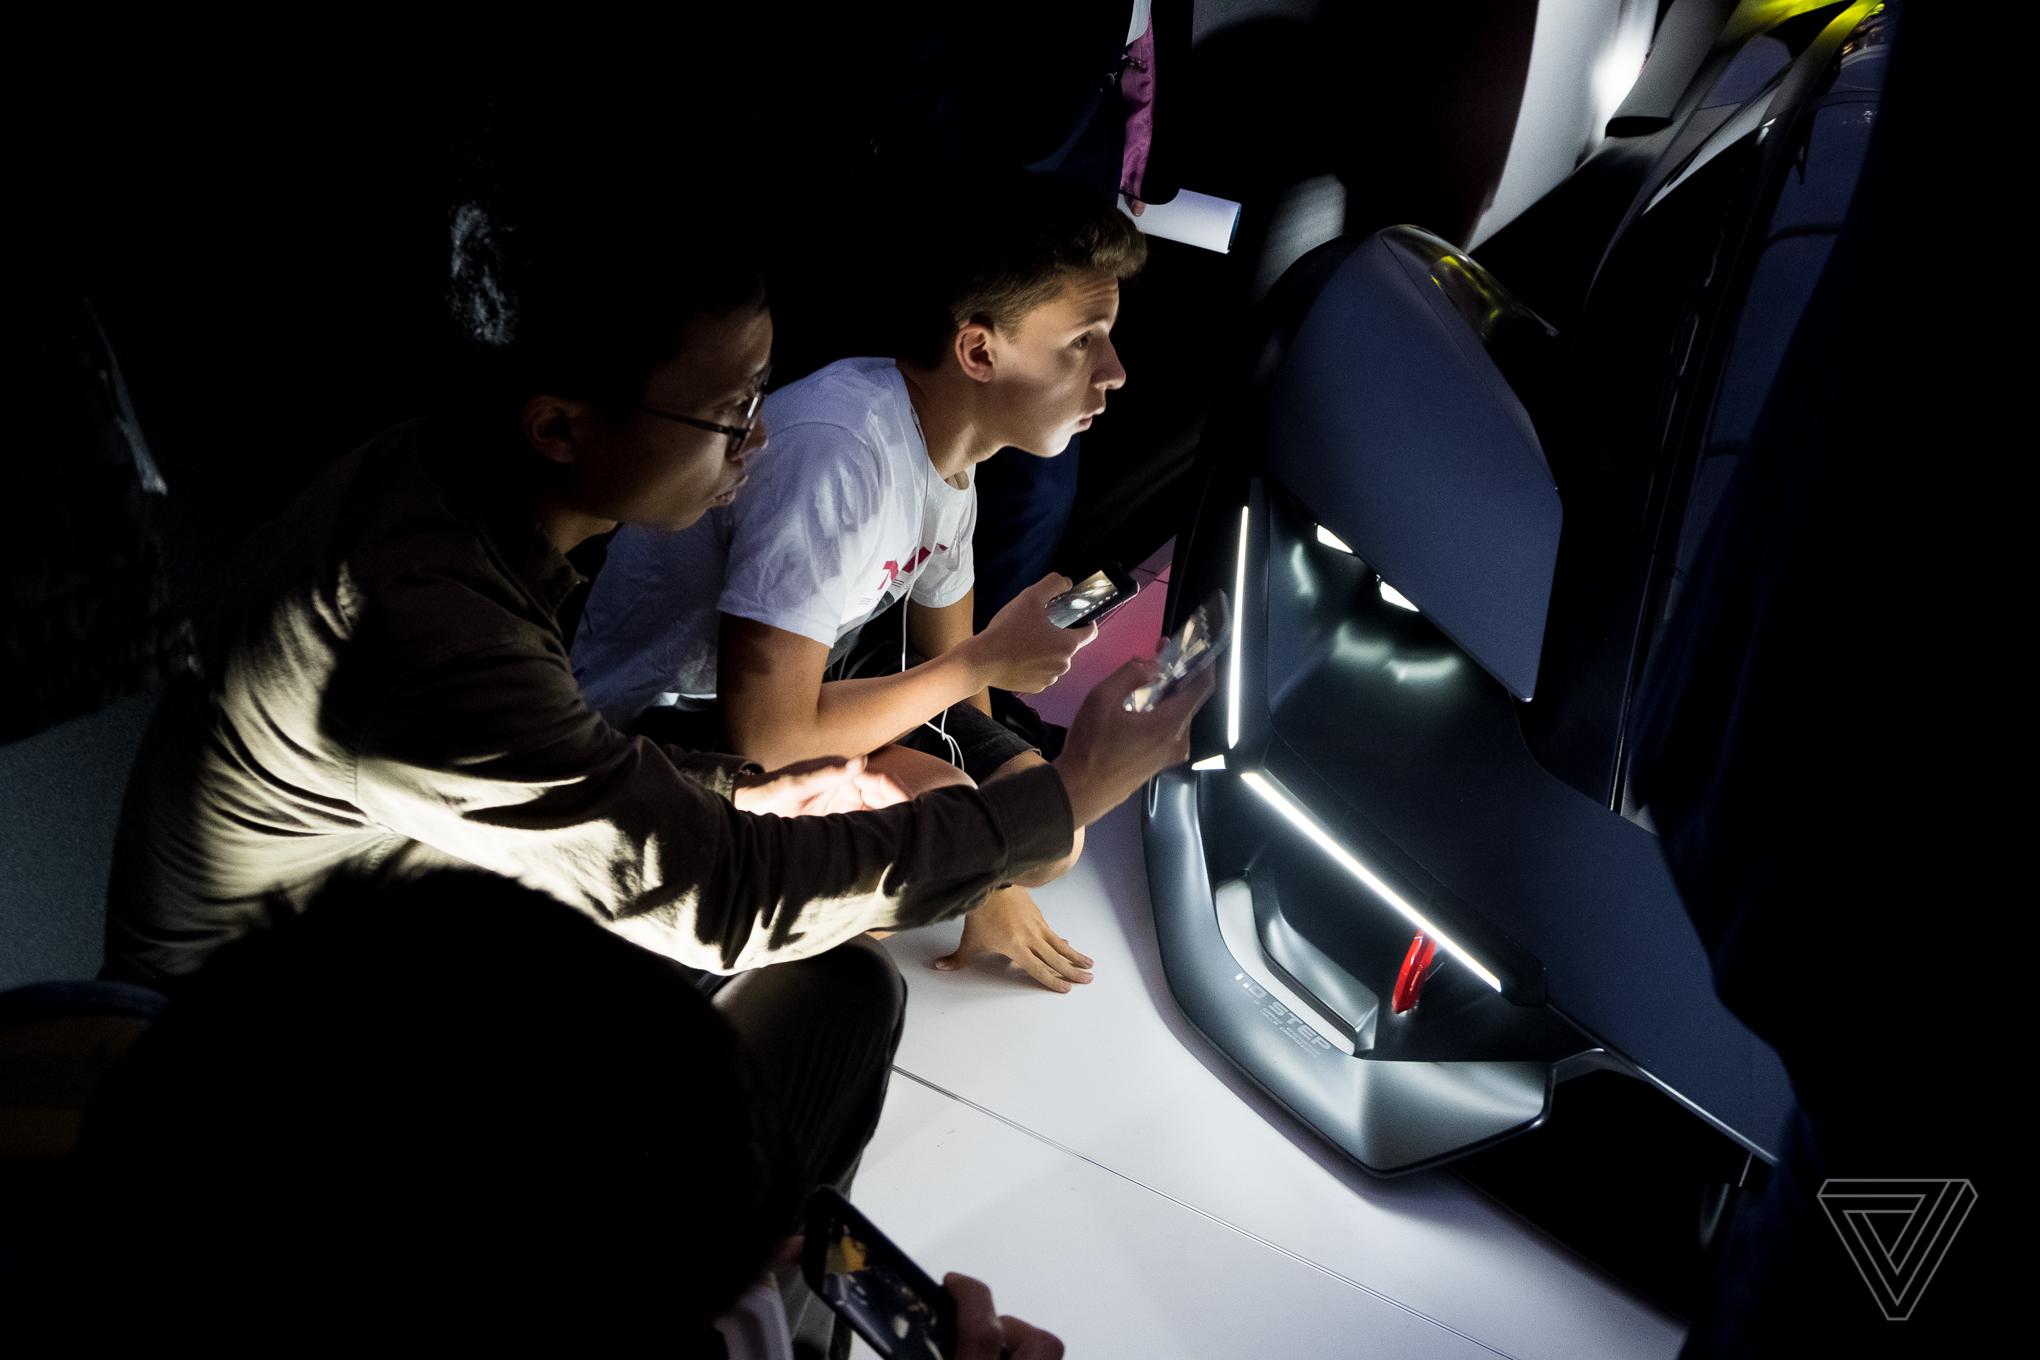 lamborghini sketch with Lamborghini Terzo Millennio Electric Concept Car Photos on Lamborghini Terzo Millennio Electric Concept Car Photos moreover Early huracan design 31 further 2013 Koenigsegg Agera S also Mini Sketches moreover Porsche 911 964.